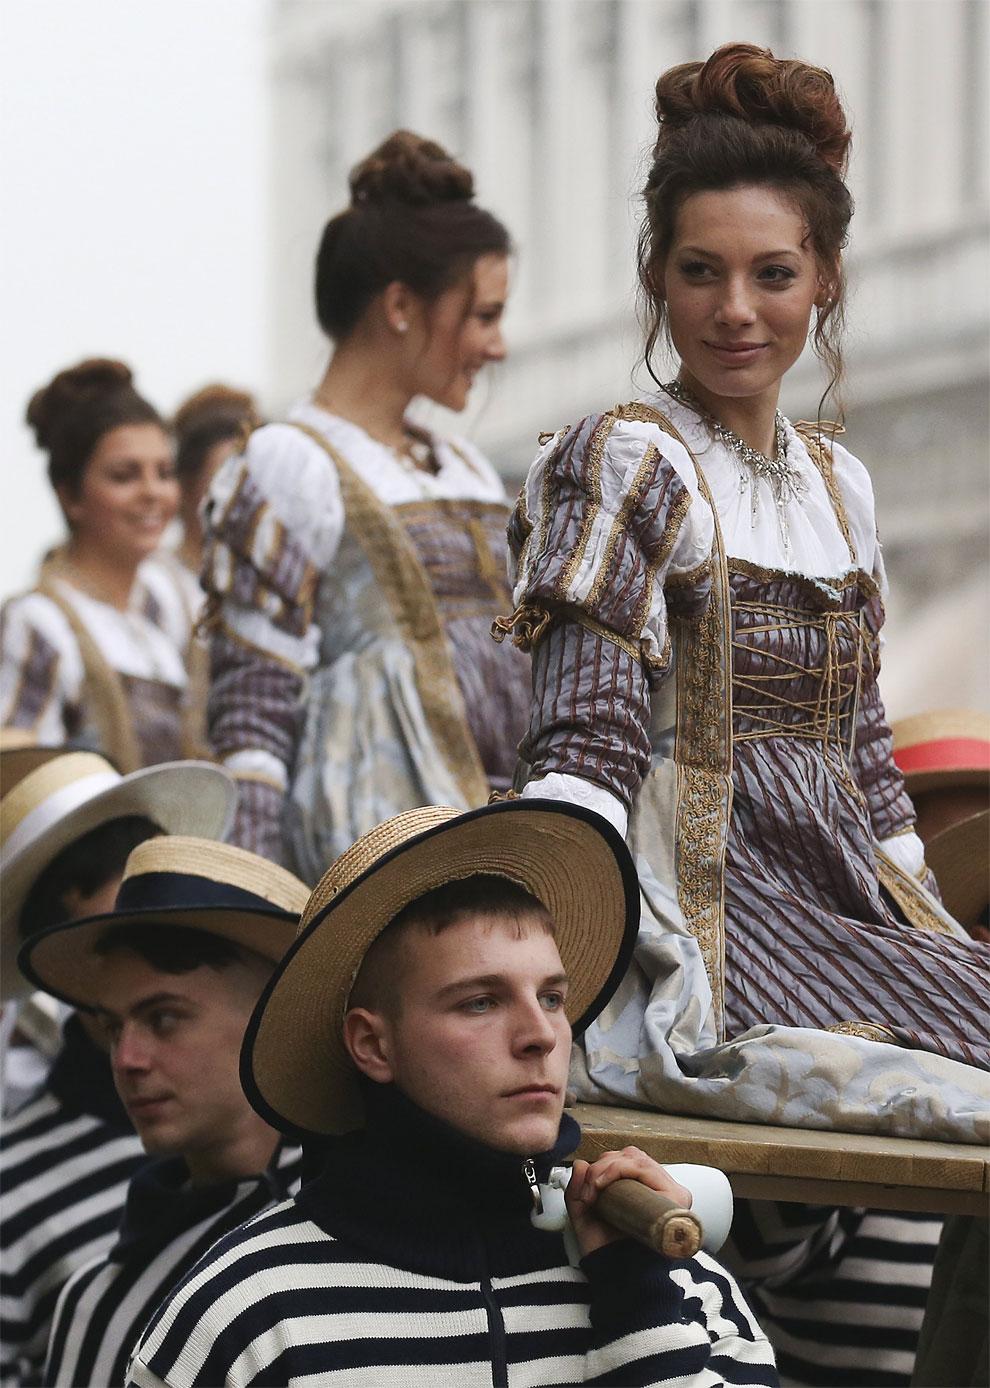 карнавал в Венеции 2016, венецианский карнавал 2016, лучшие карнавалы, про карнавал, фото № 22